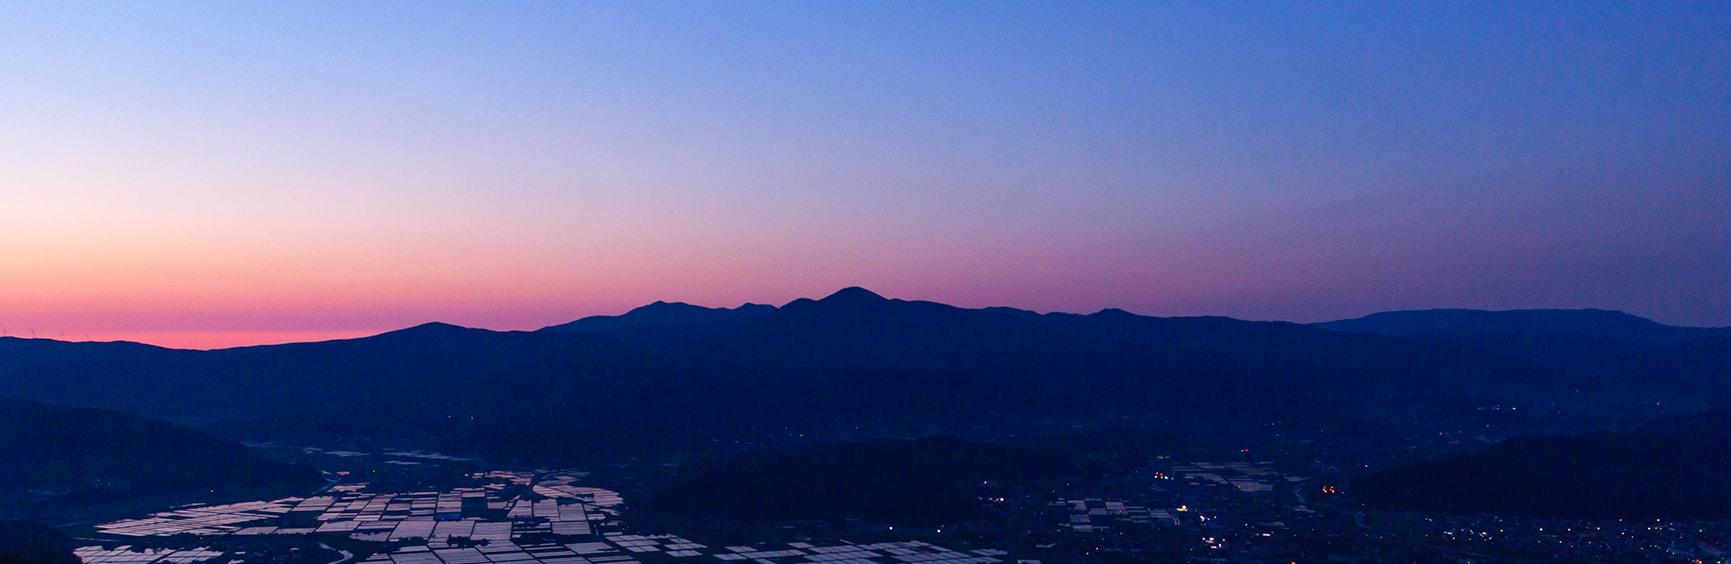 夕方の遠野の町